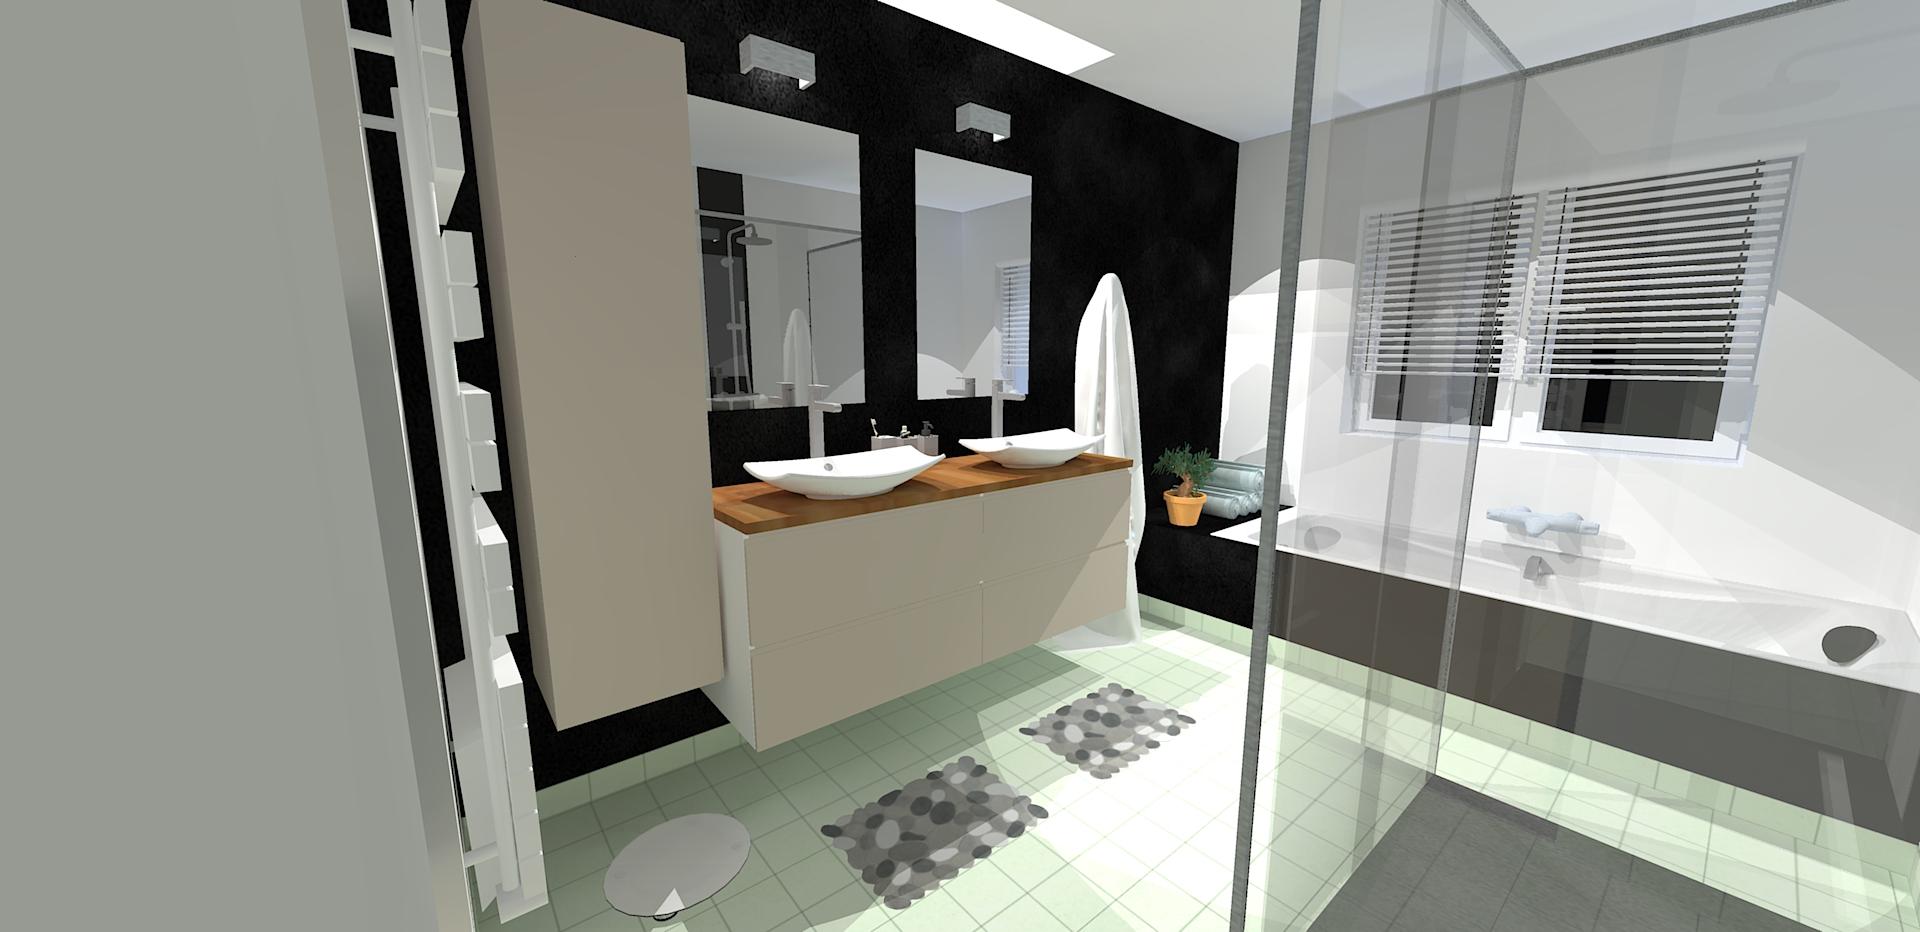 Salle bains rénovation